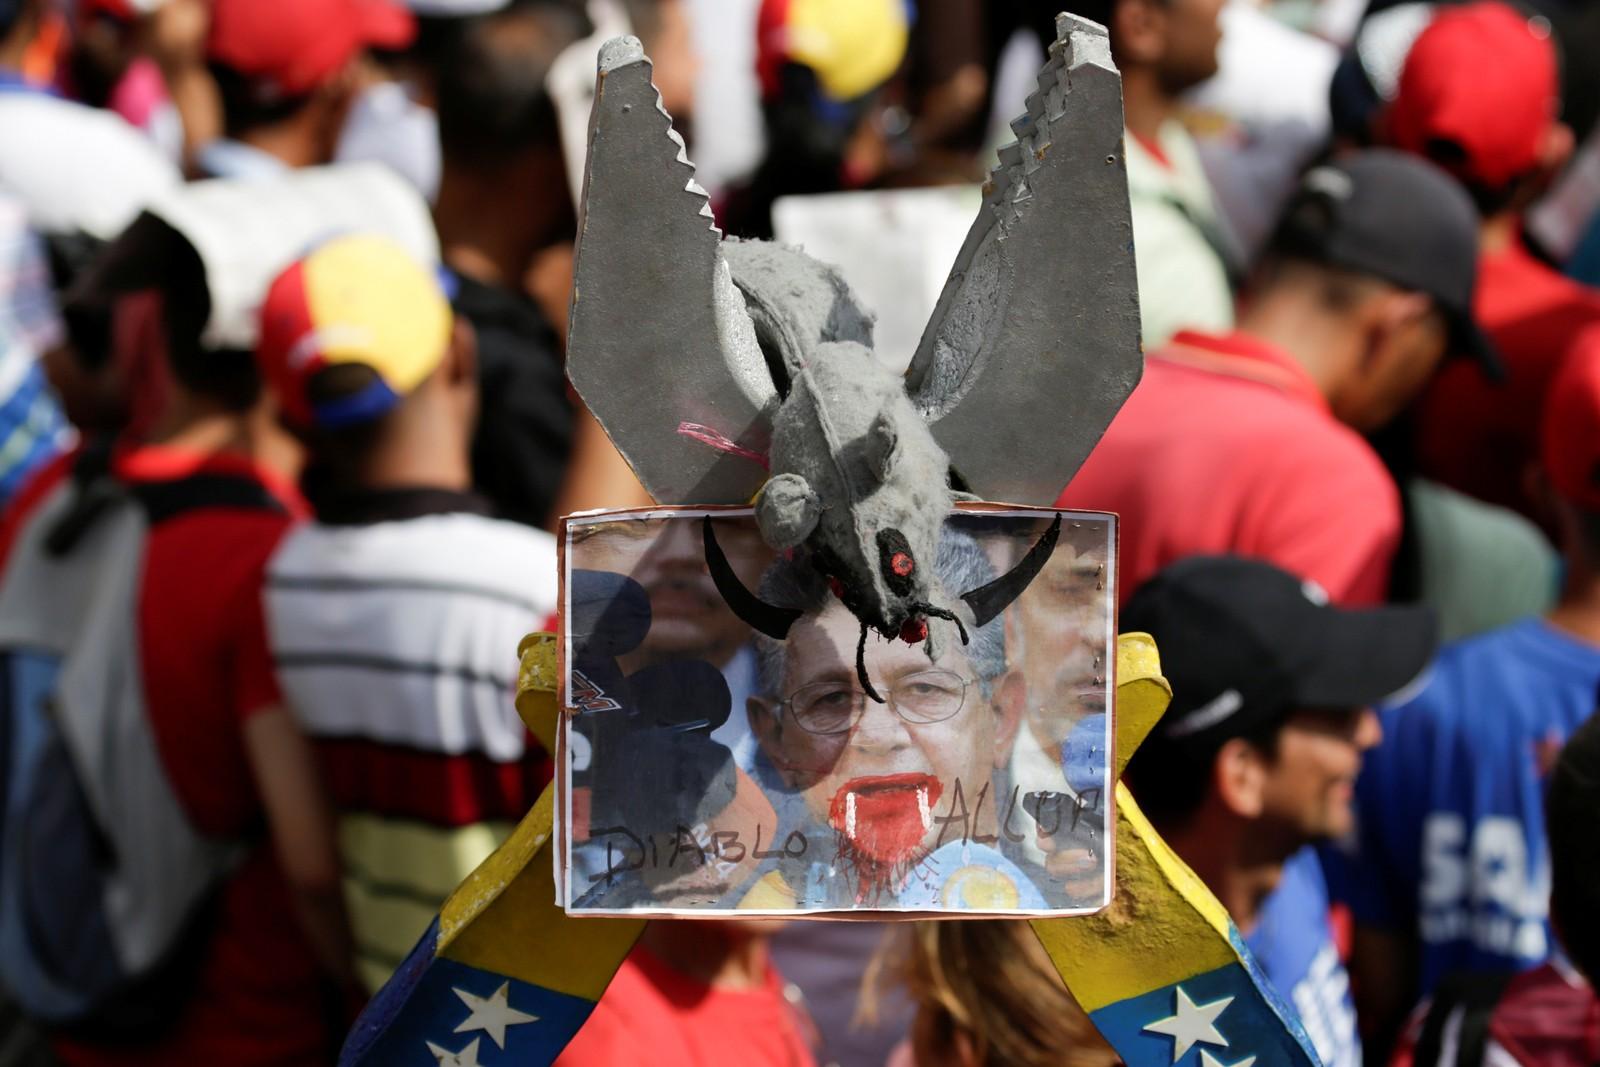 Tilhengere av president Maduro viser fram et bilde av Henry Ramos Allup, presidenten i nasjonalforsamlingen. Bildet viser Allup som en djevel.